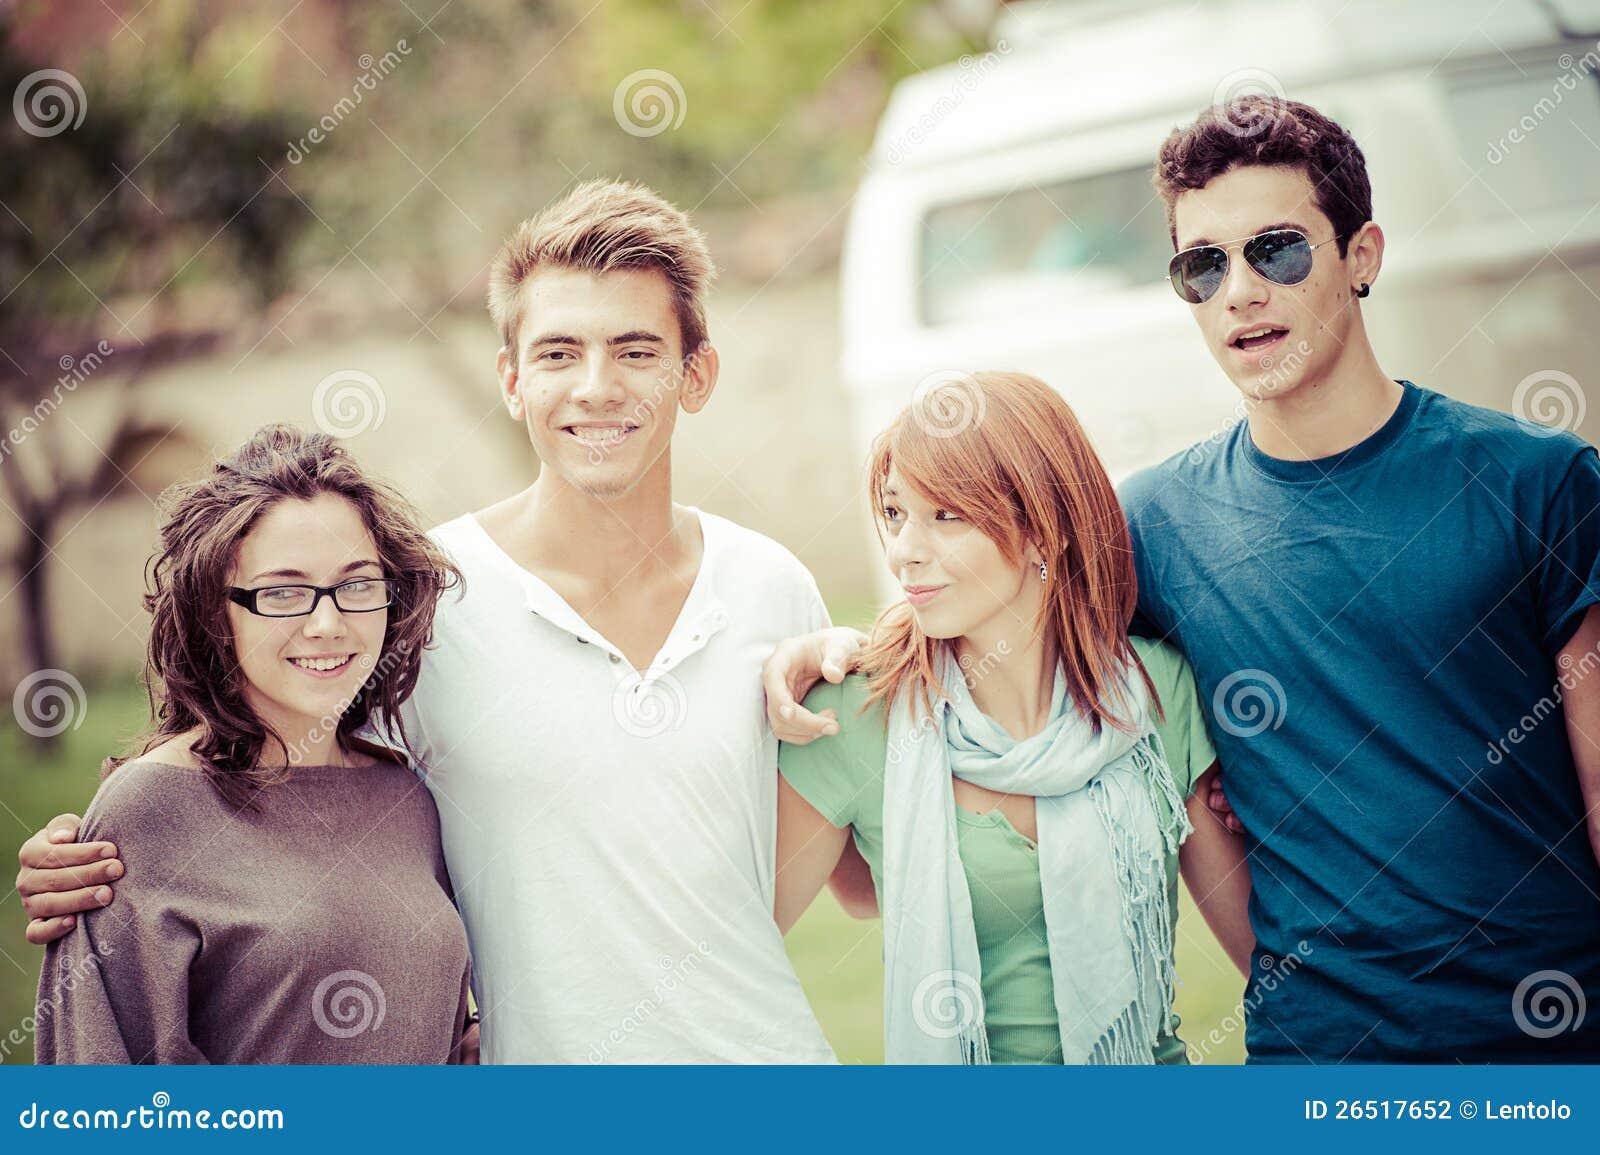 Portrait des glücklichen Teenagers im Park am Sommer